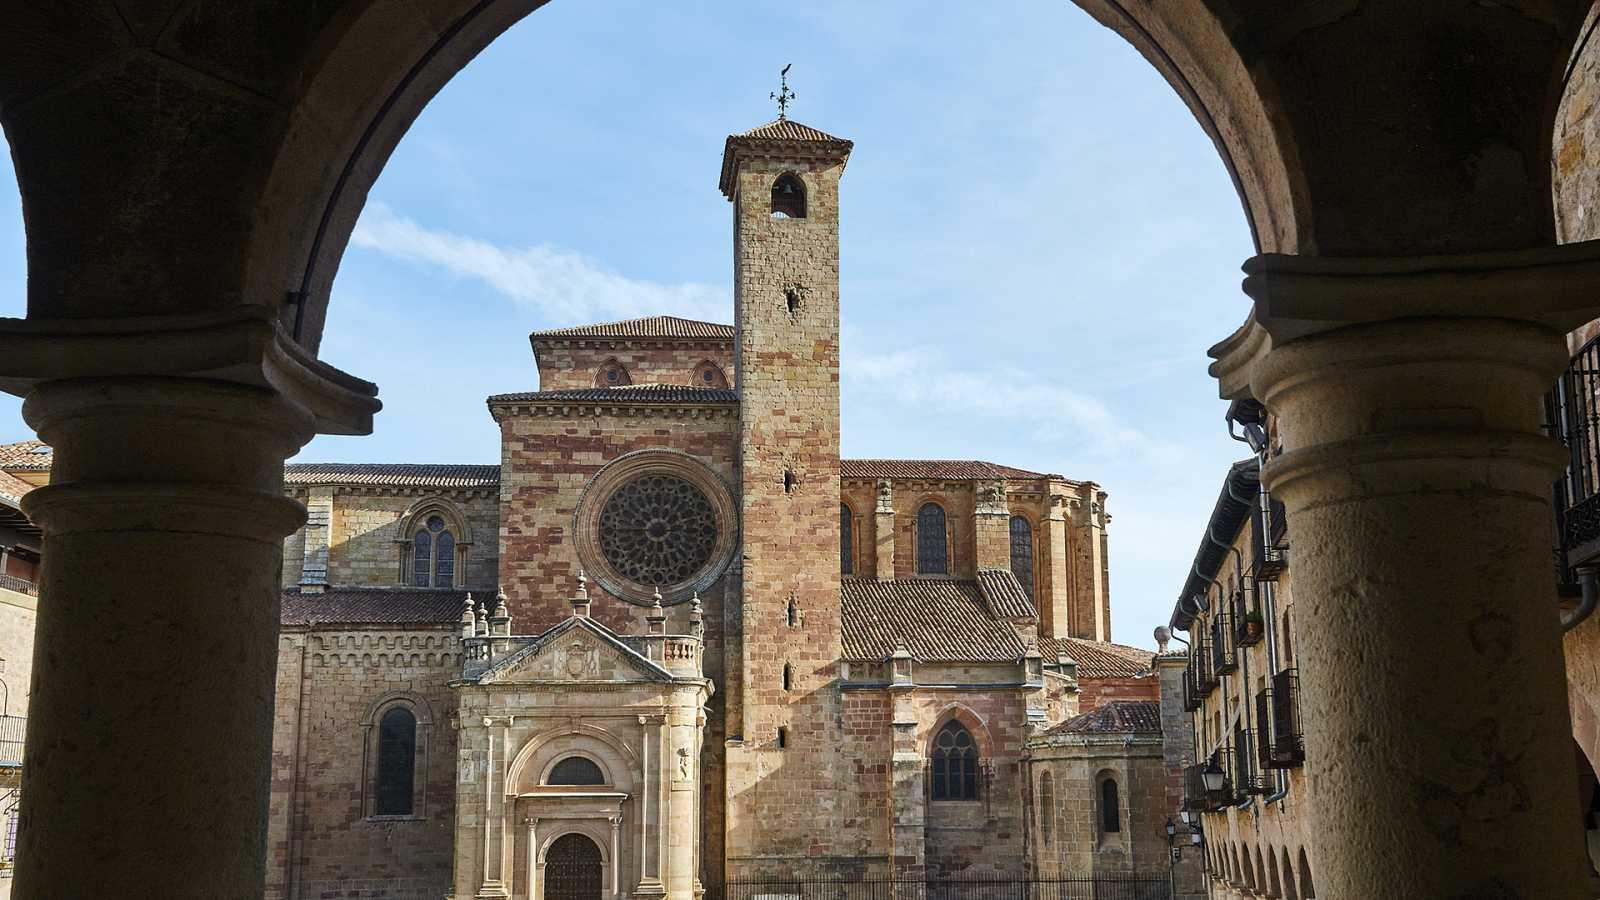 En clave Turismo - Paseamos por Sigüenza y Córdoba, y almorzamos en las tabernas centenarias de Madrid - 11/09/20 - escuchar ahora